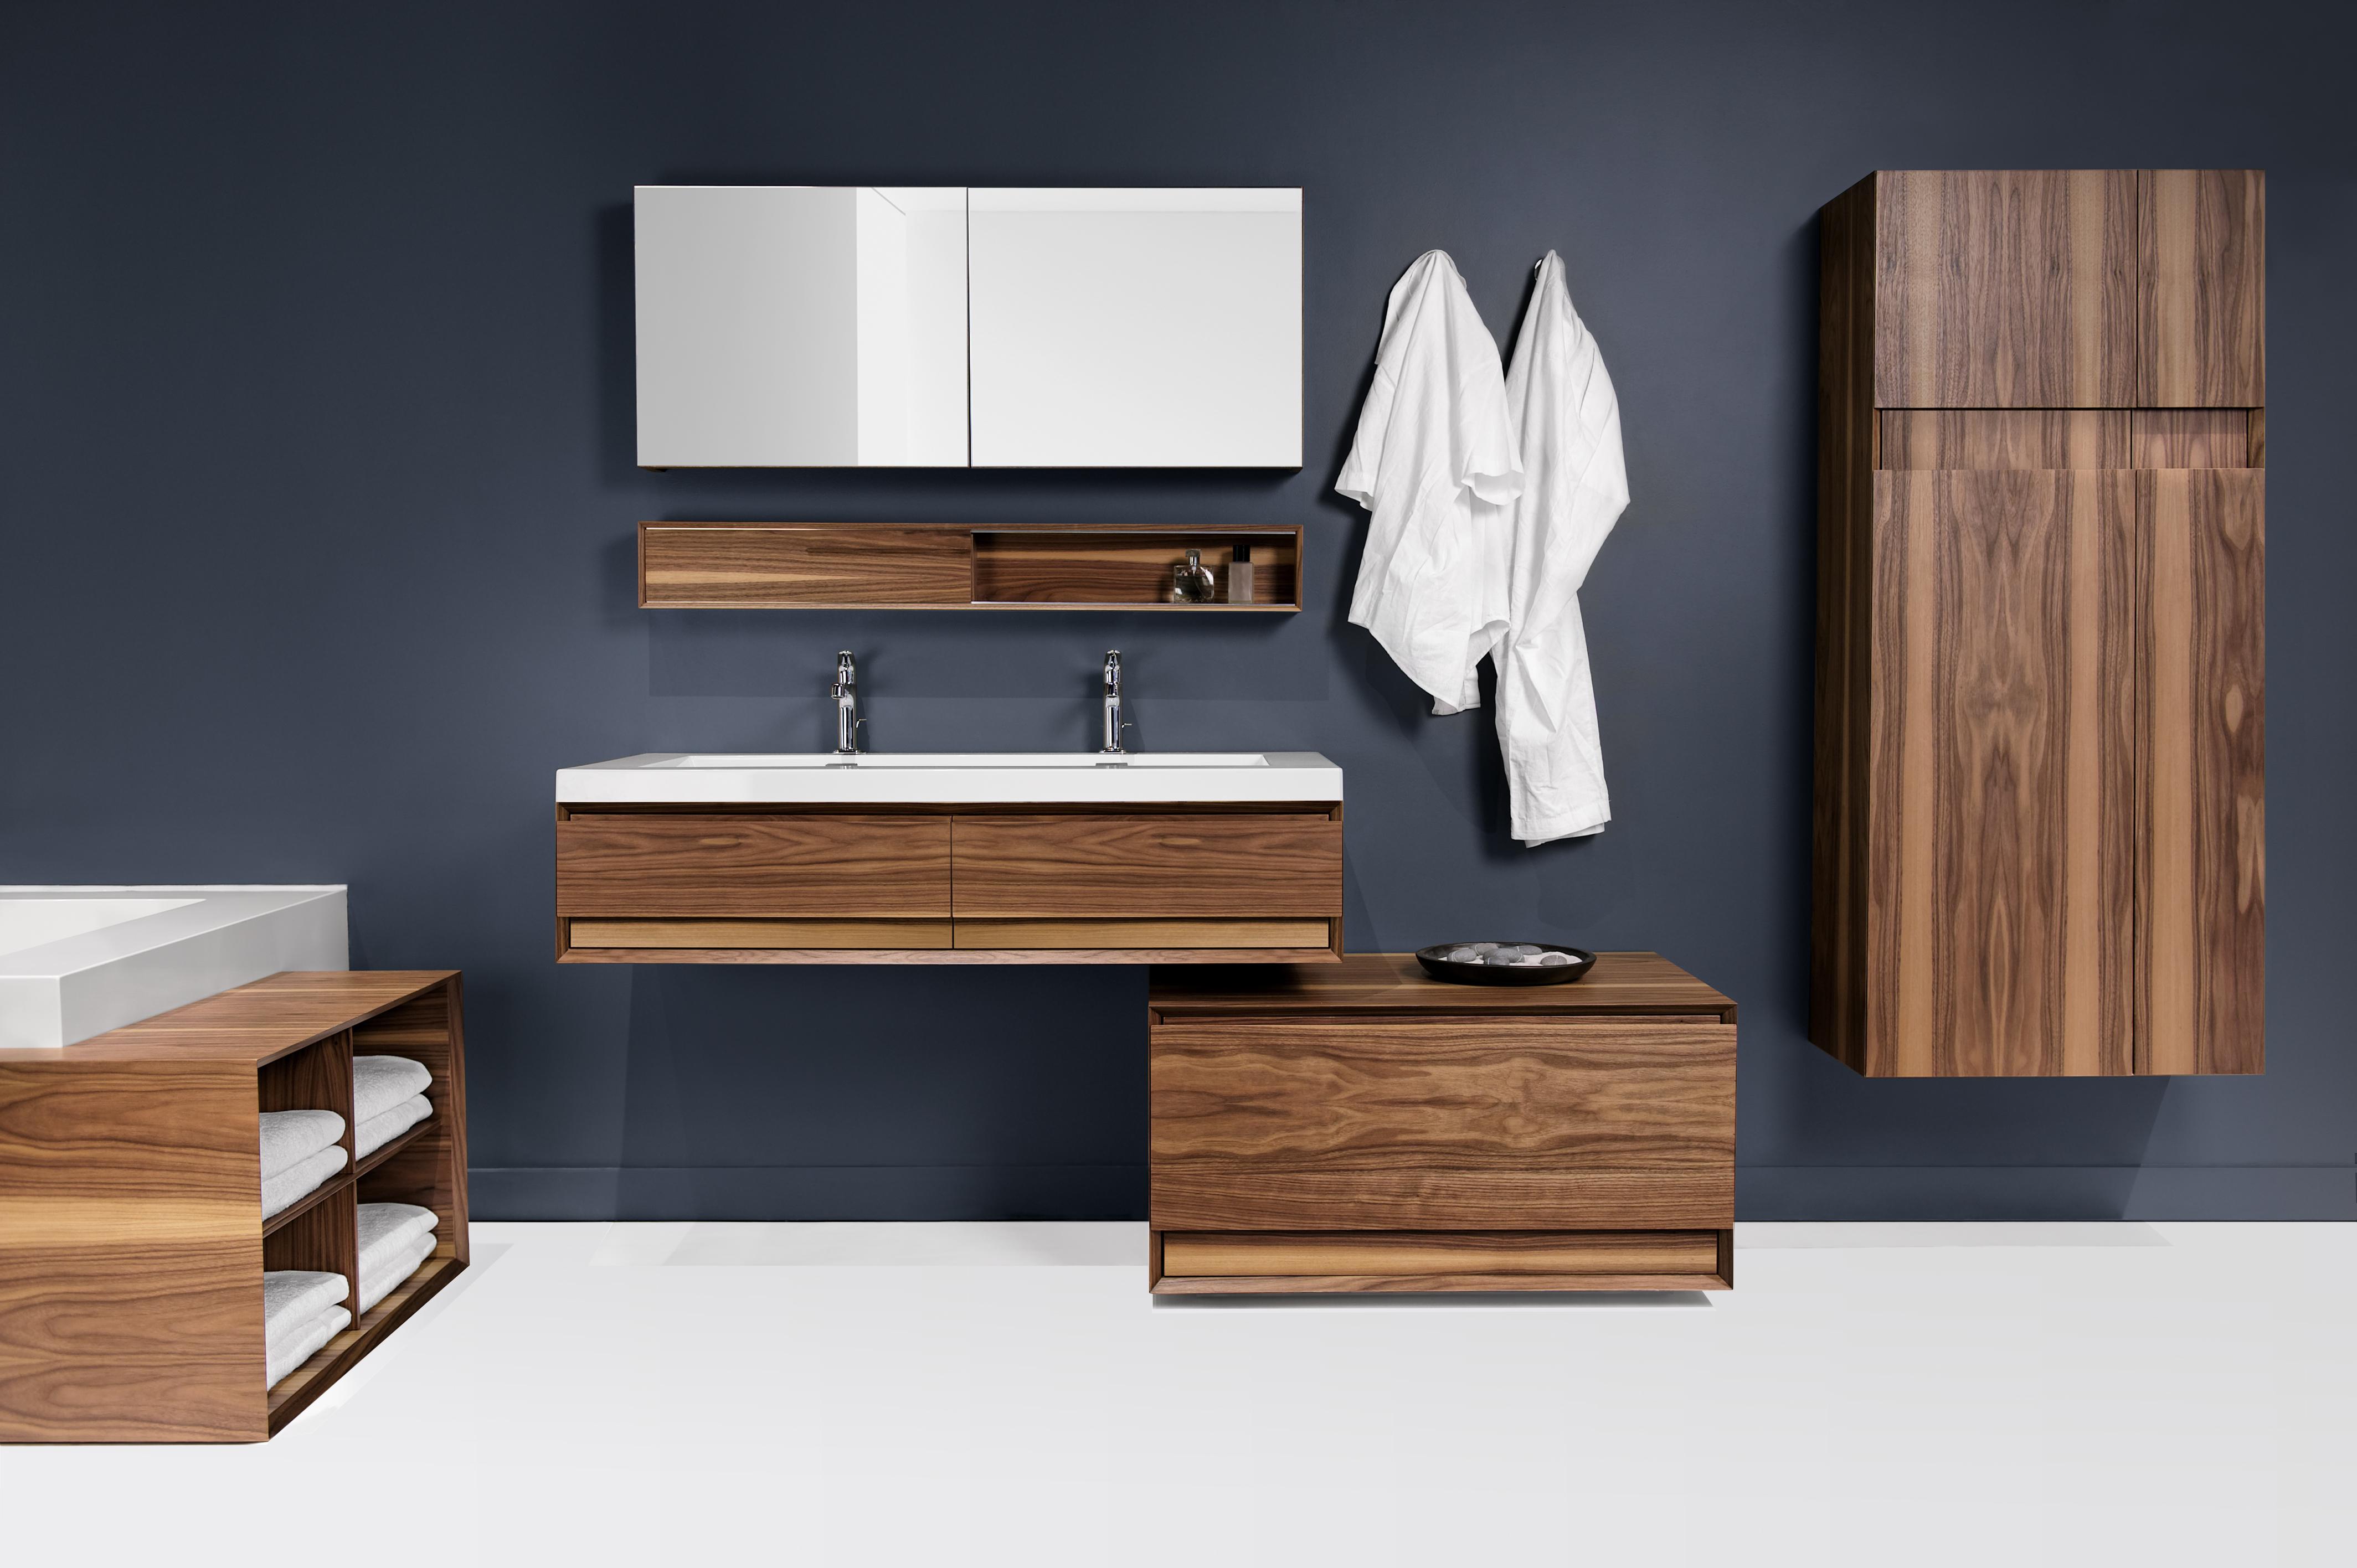 Premium-quality Bath Furnishings